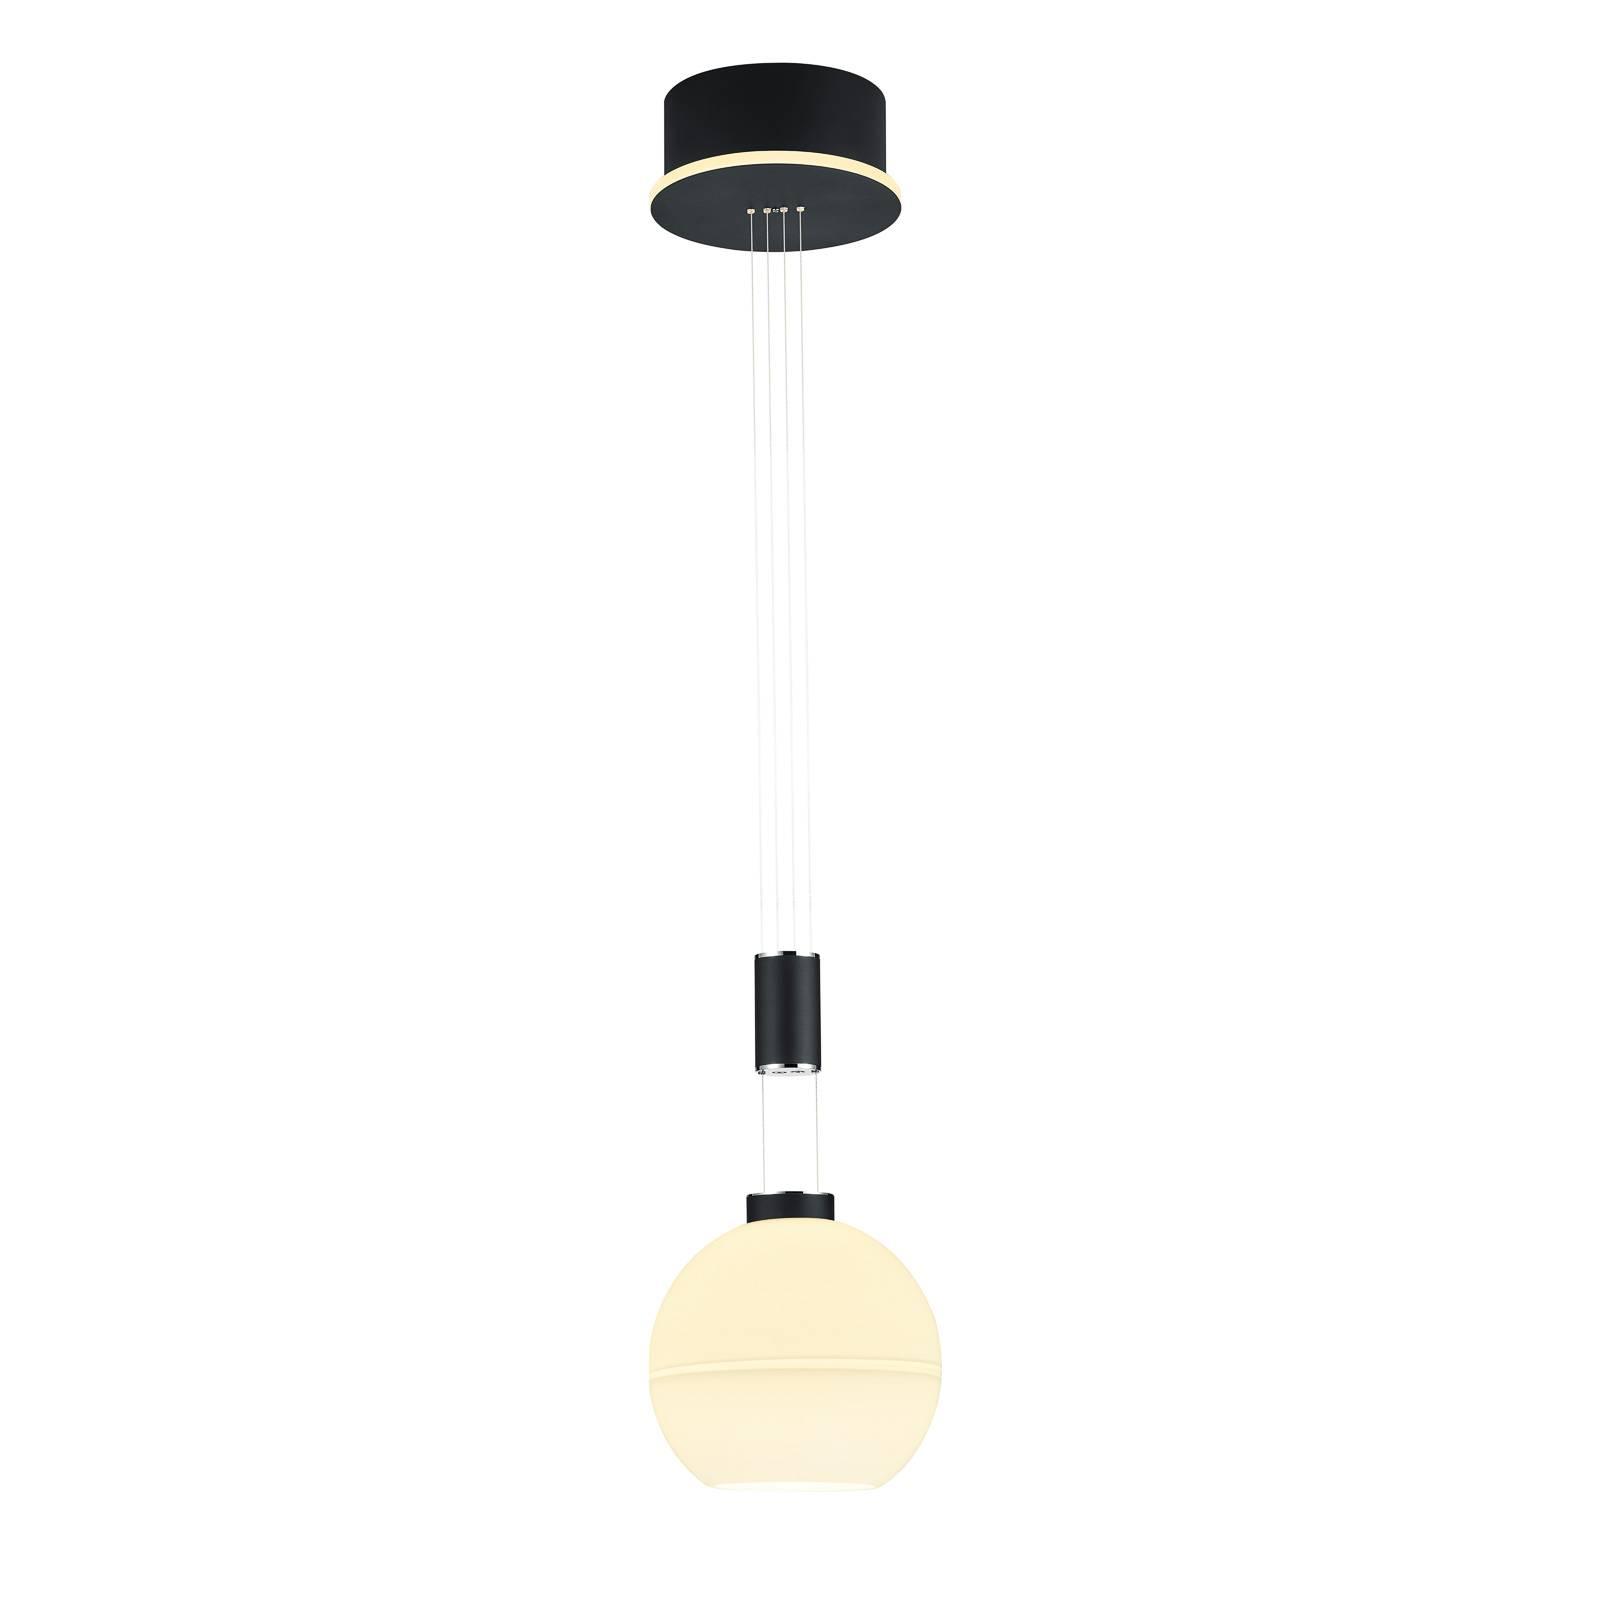 B-Leuchten Sam LED glazen hanglamp, zwart